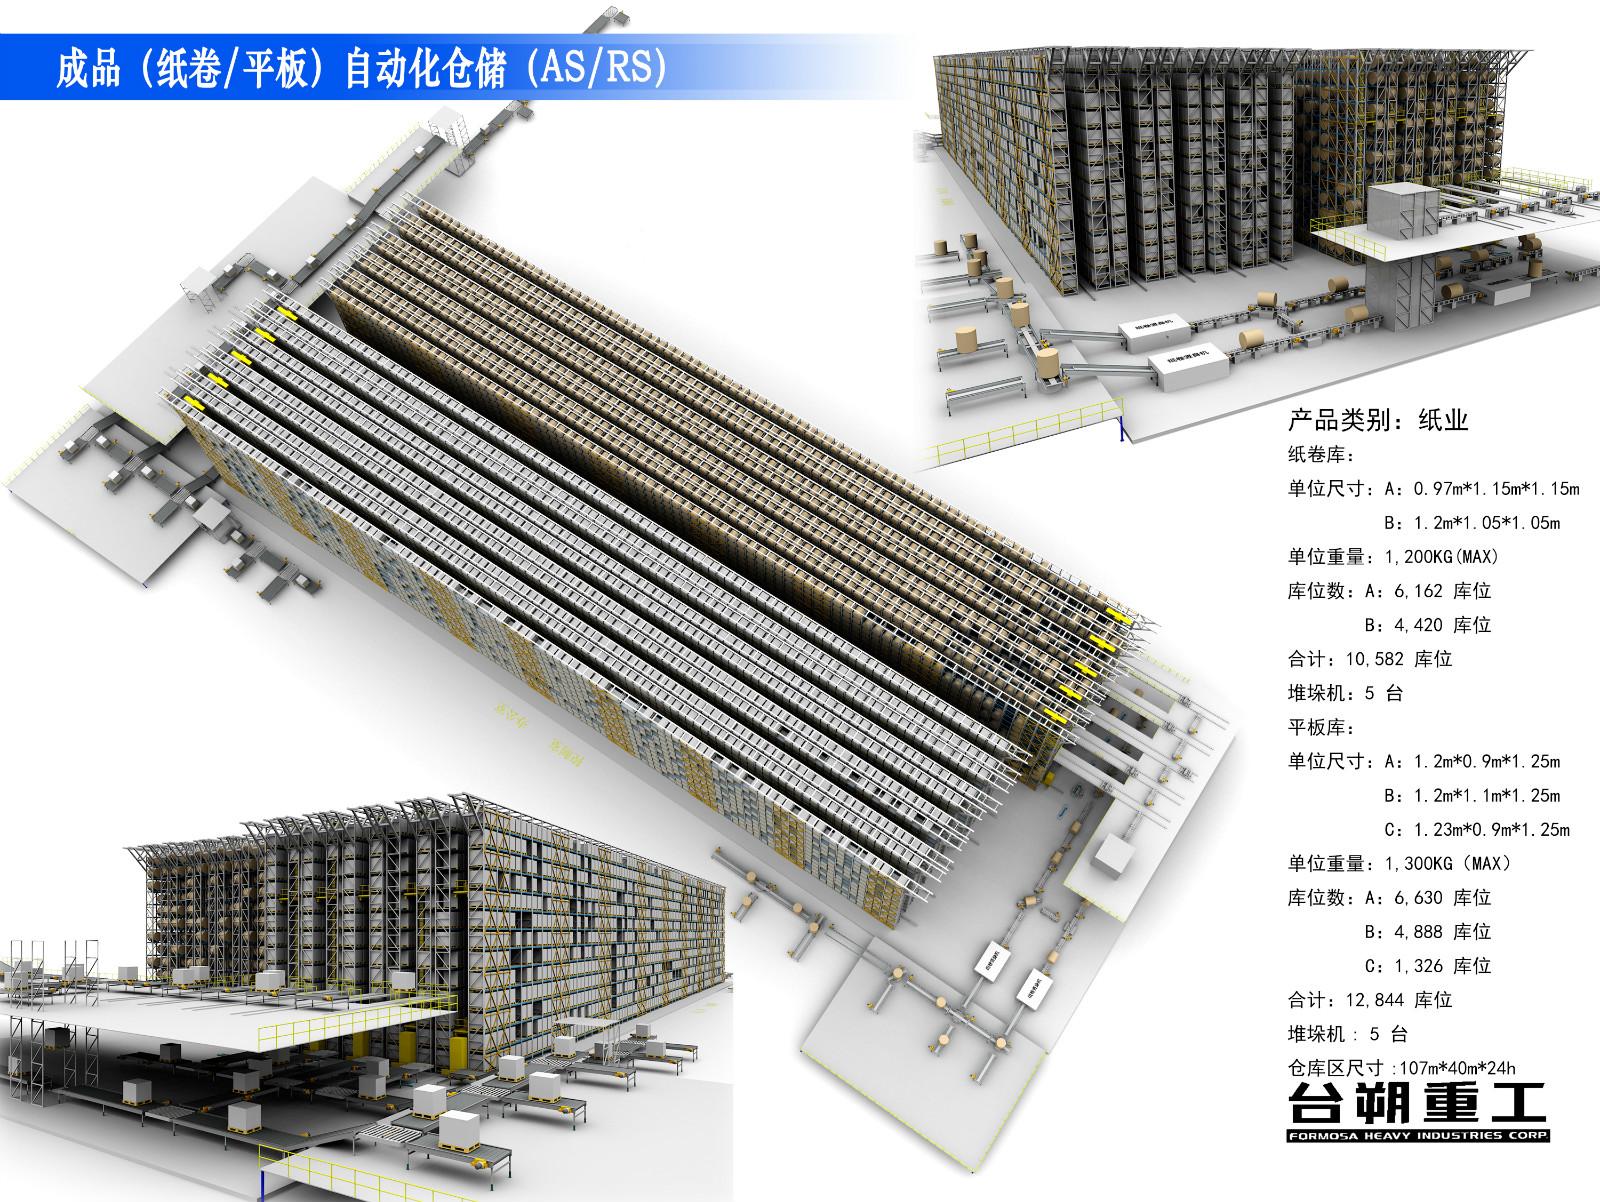 成品(卷纸/平板)自动化仓储(AS/RS)